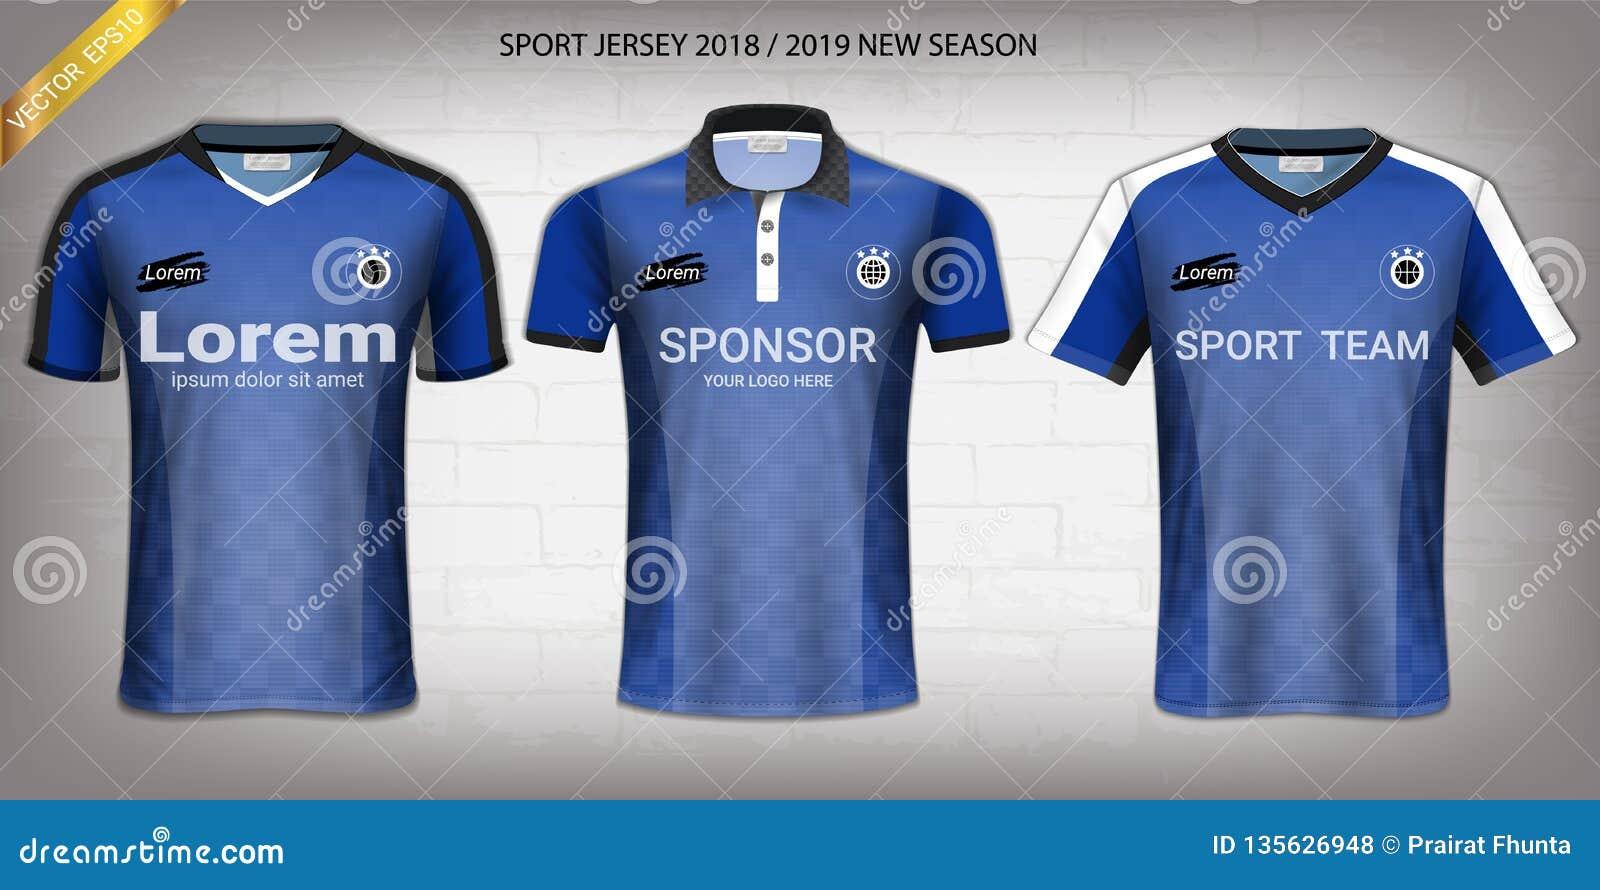 3cc7dc6a5 Sport Jersey